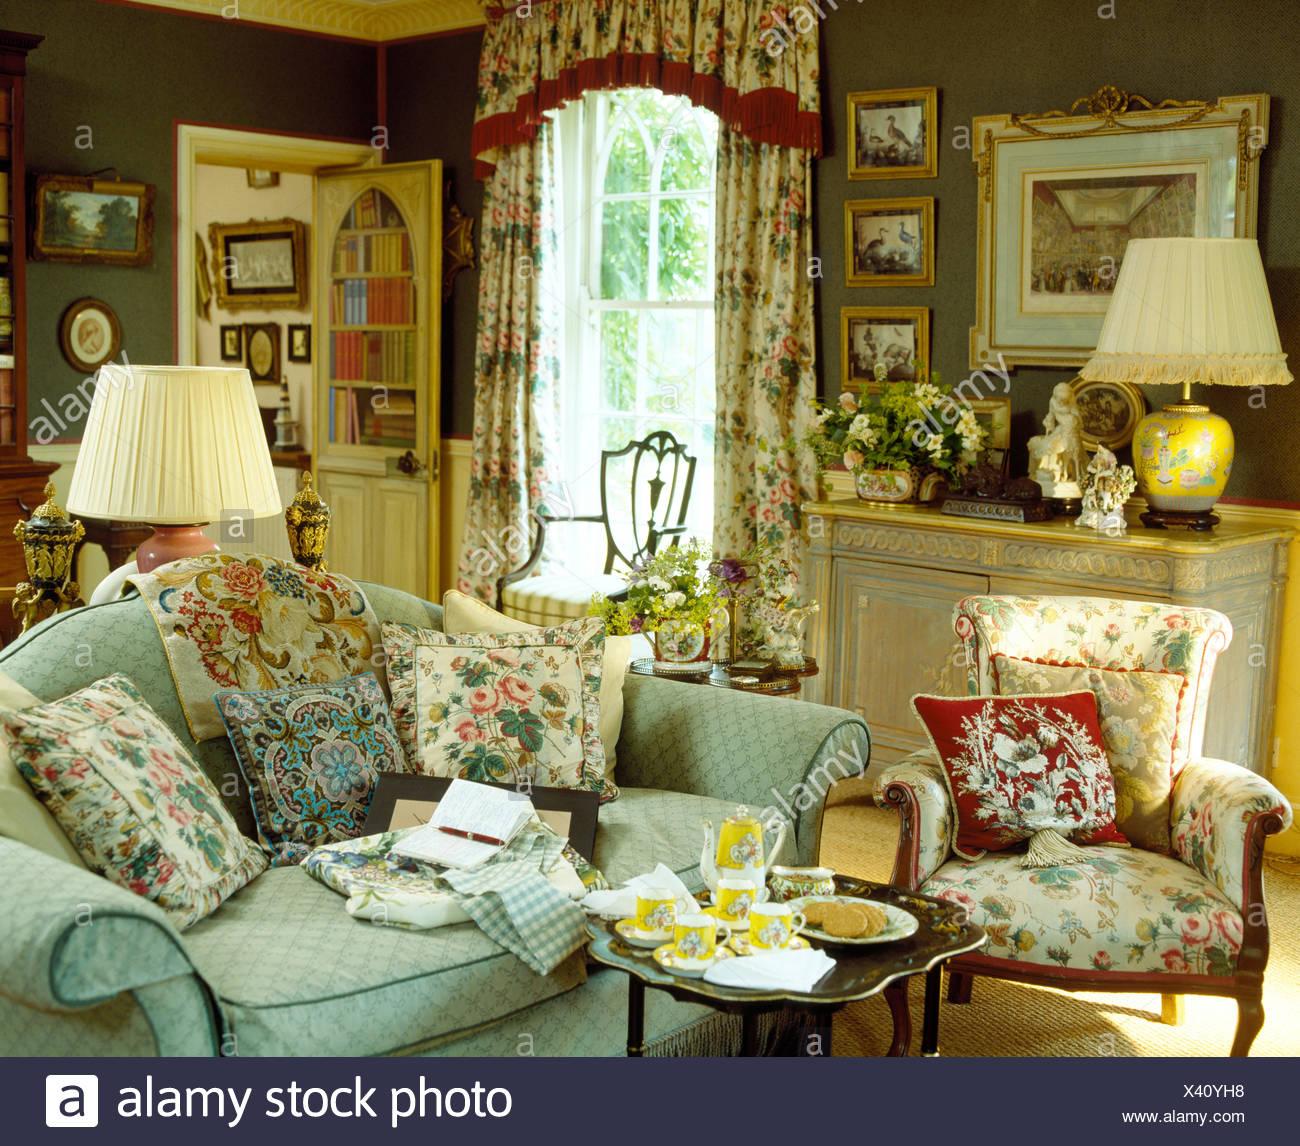 Florale Kissen auf blass blauen Sofa neben floralen Sofa und kleinen ...